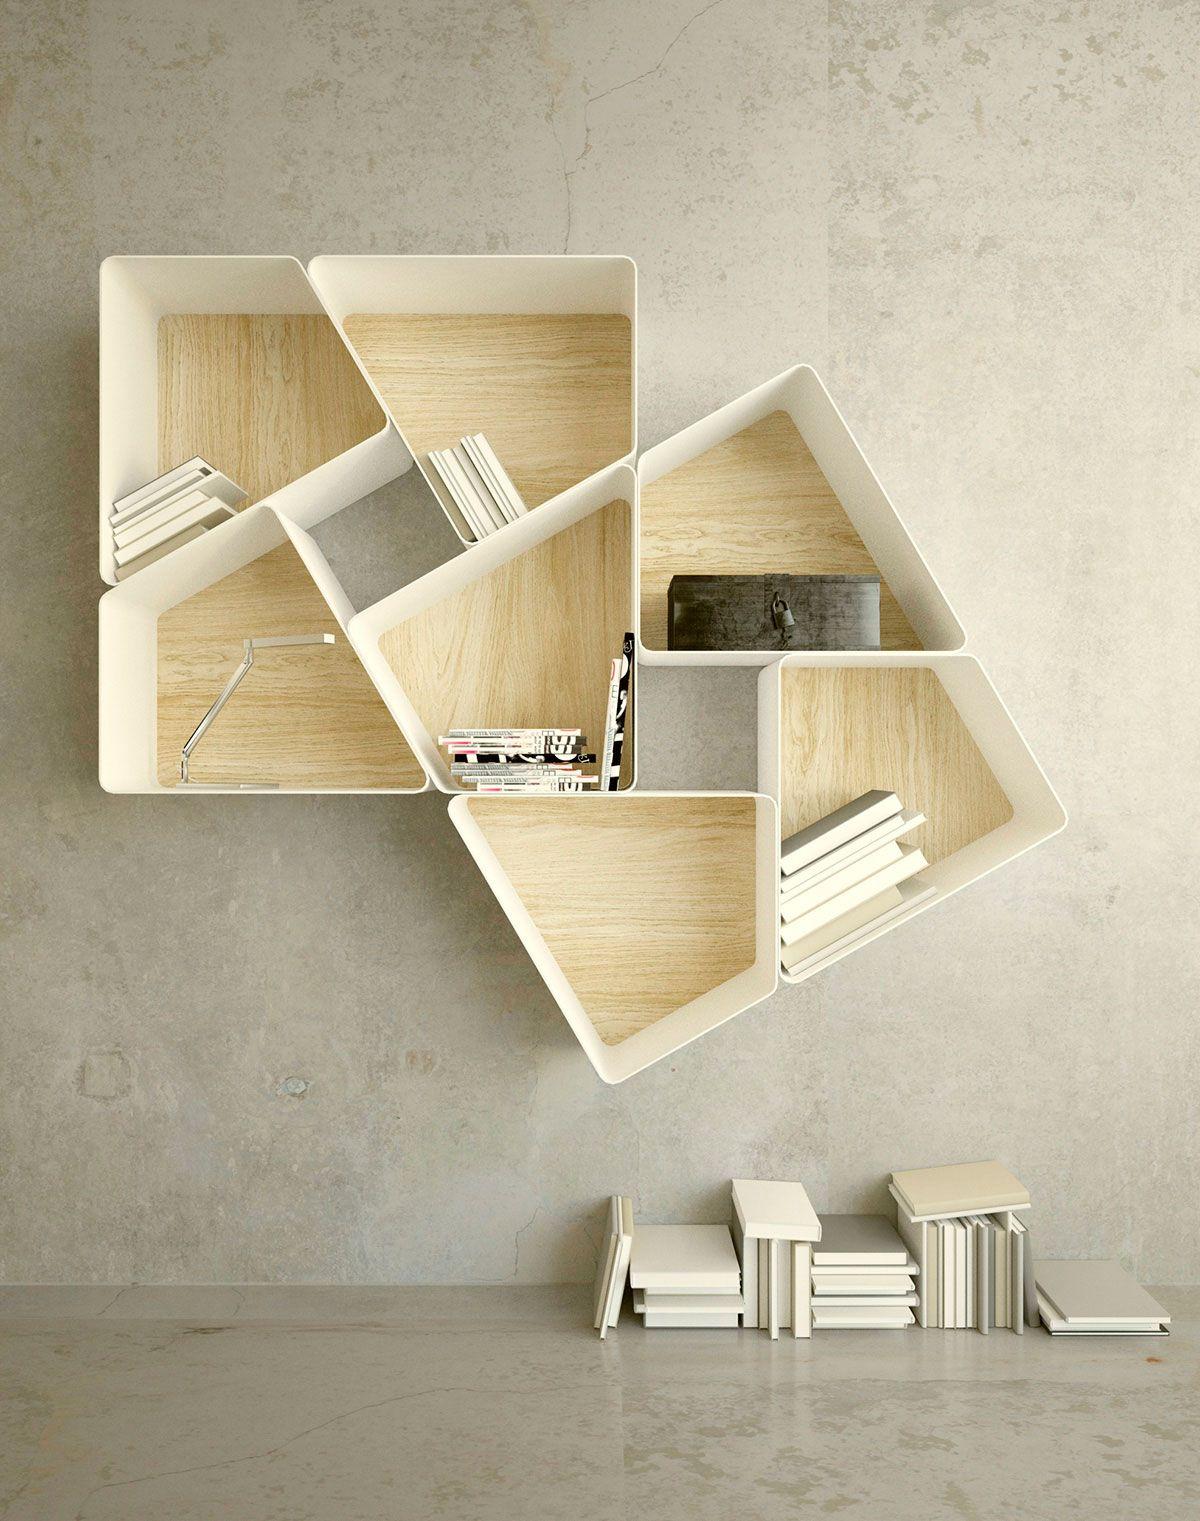 Pin de klea tafa en books muebles estanter as modulares - Muebles de madera modernos ...